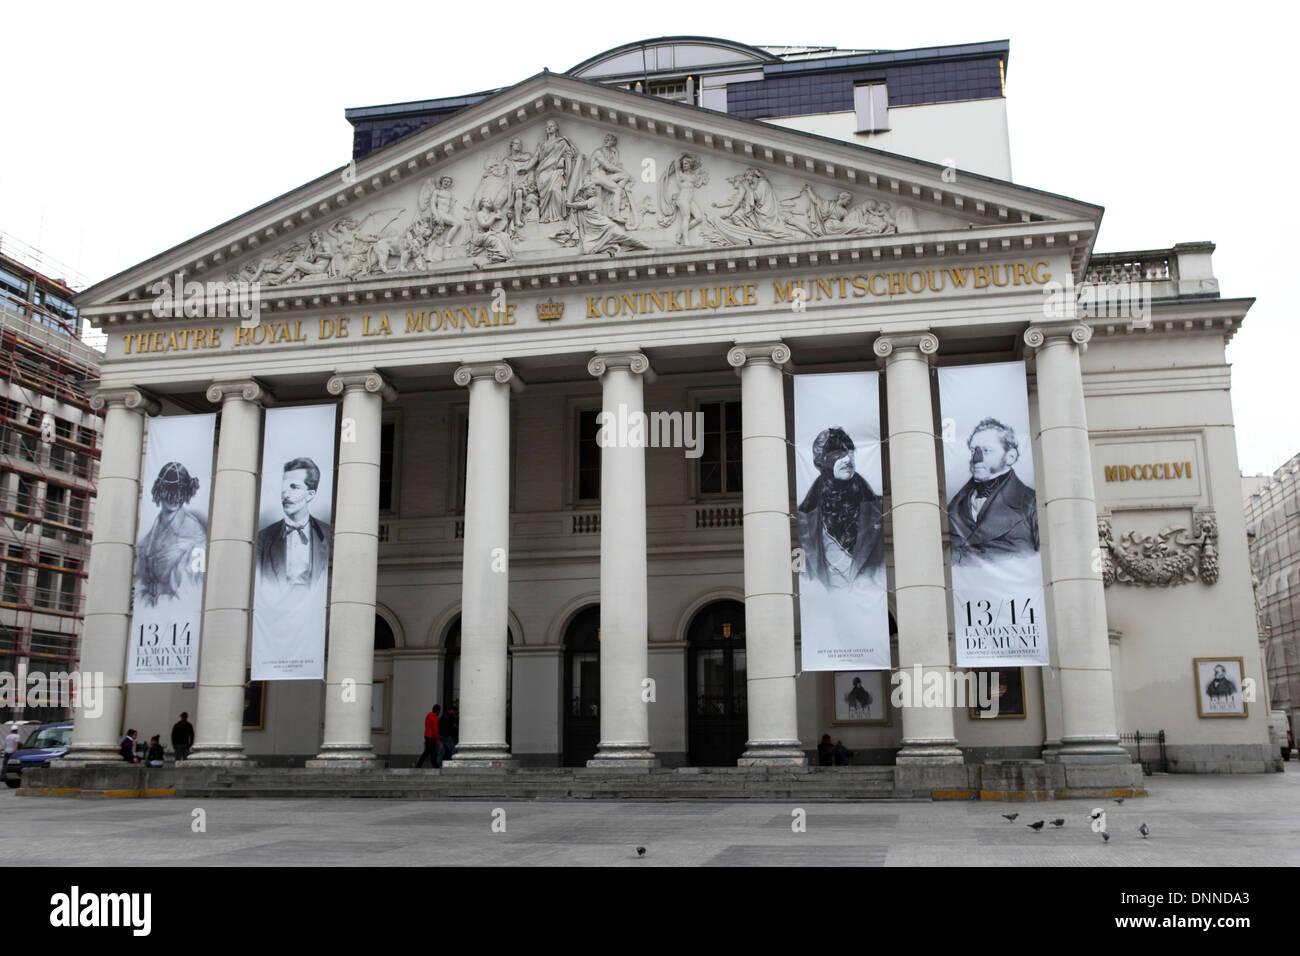 The Theatre Royal de la Monnaie (Koninklijke Muntschouwberg) in Brussels, Belgium. - Stock Image